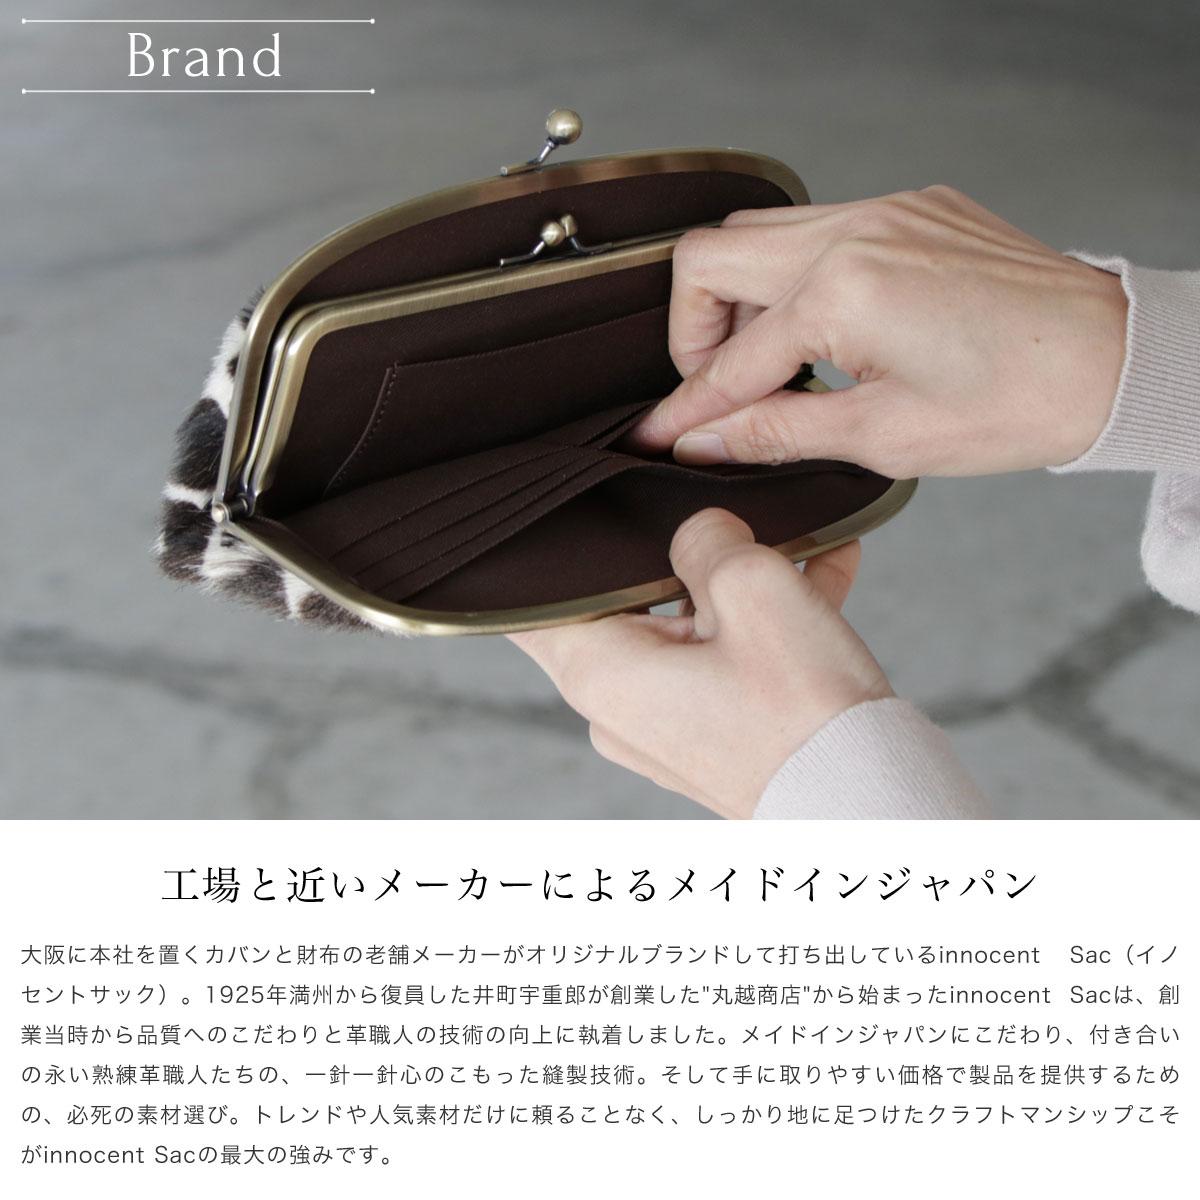 長財布 がま口財布 親子がまぐち ハラコ アニマル柄 innocent Sac イノセントサック 本革 日本製 レディース